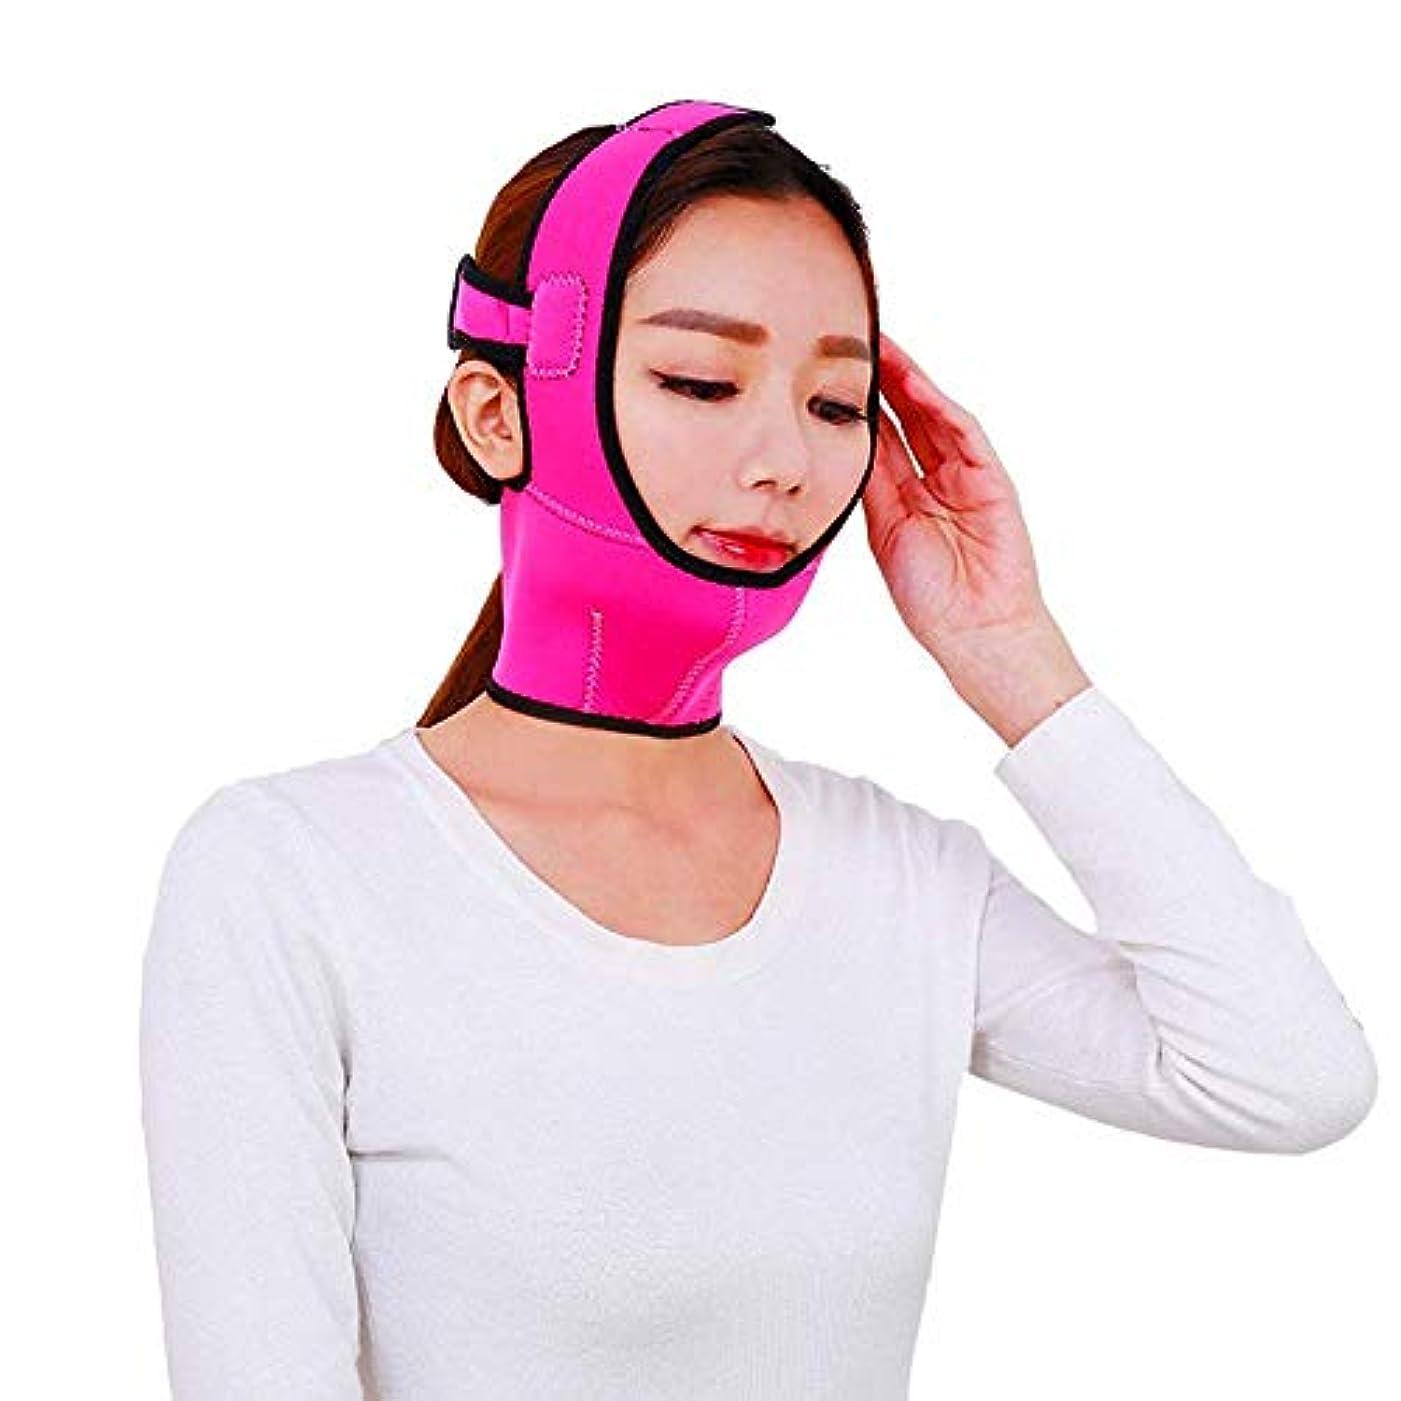 ピアノトンせせらぎ二重あごの顔の持ち上がるマスクVfaceの顔の小さい顔の持ち上がる用具をきつく締める通気性の顔の持ち上がる包帯